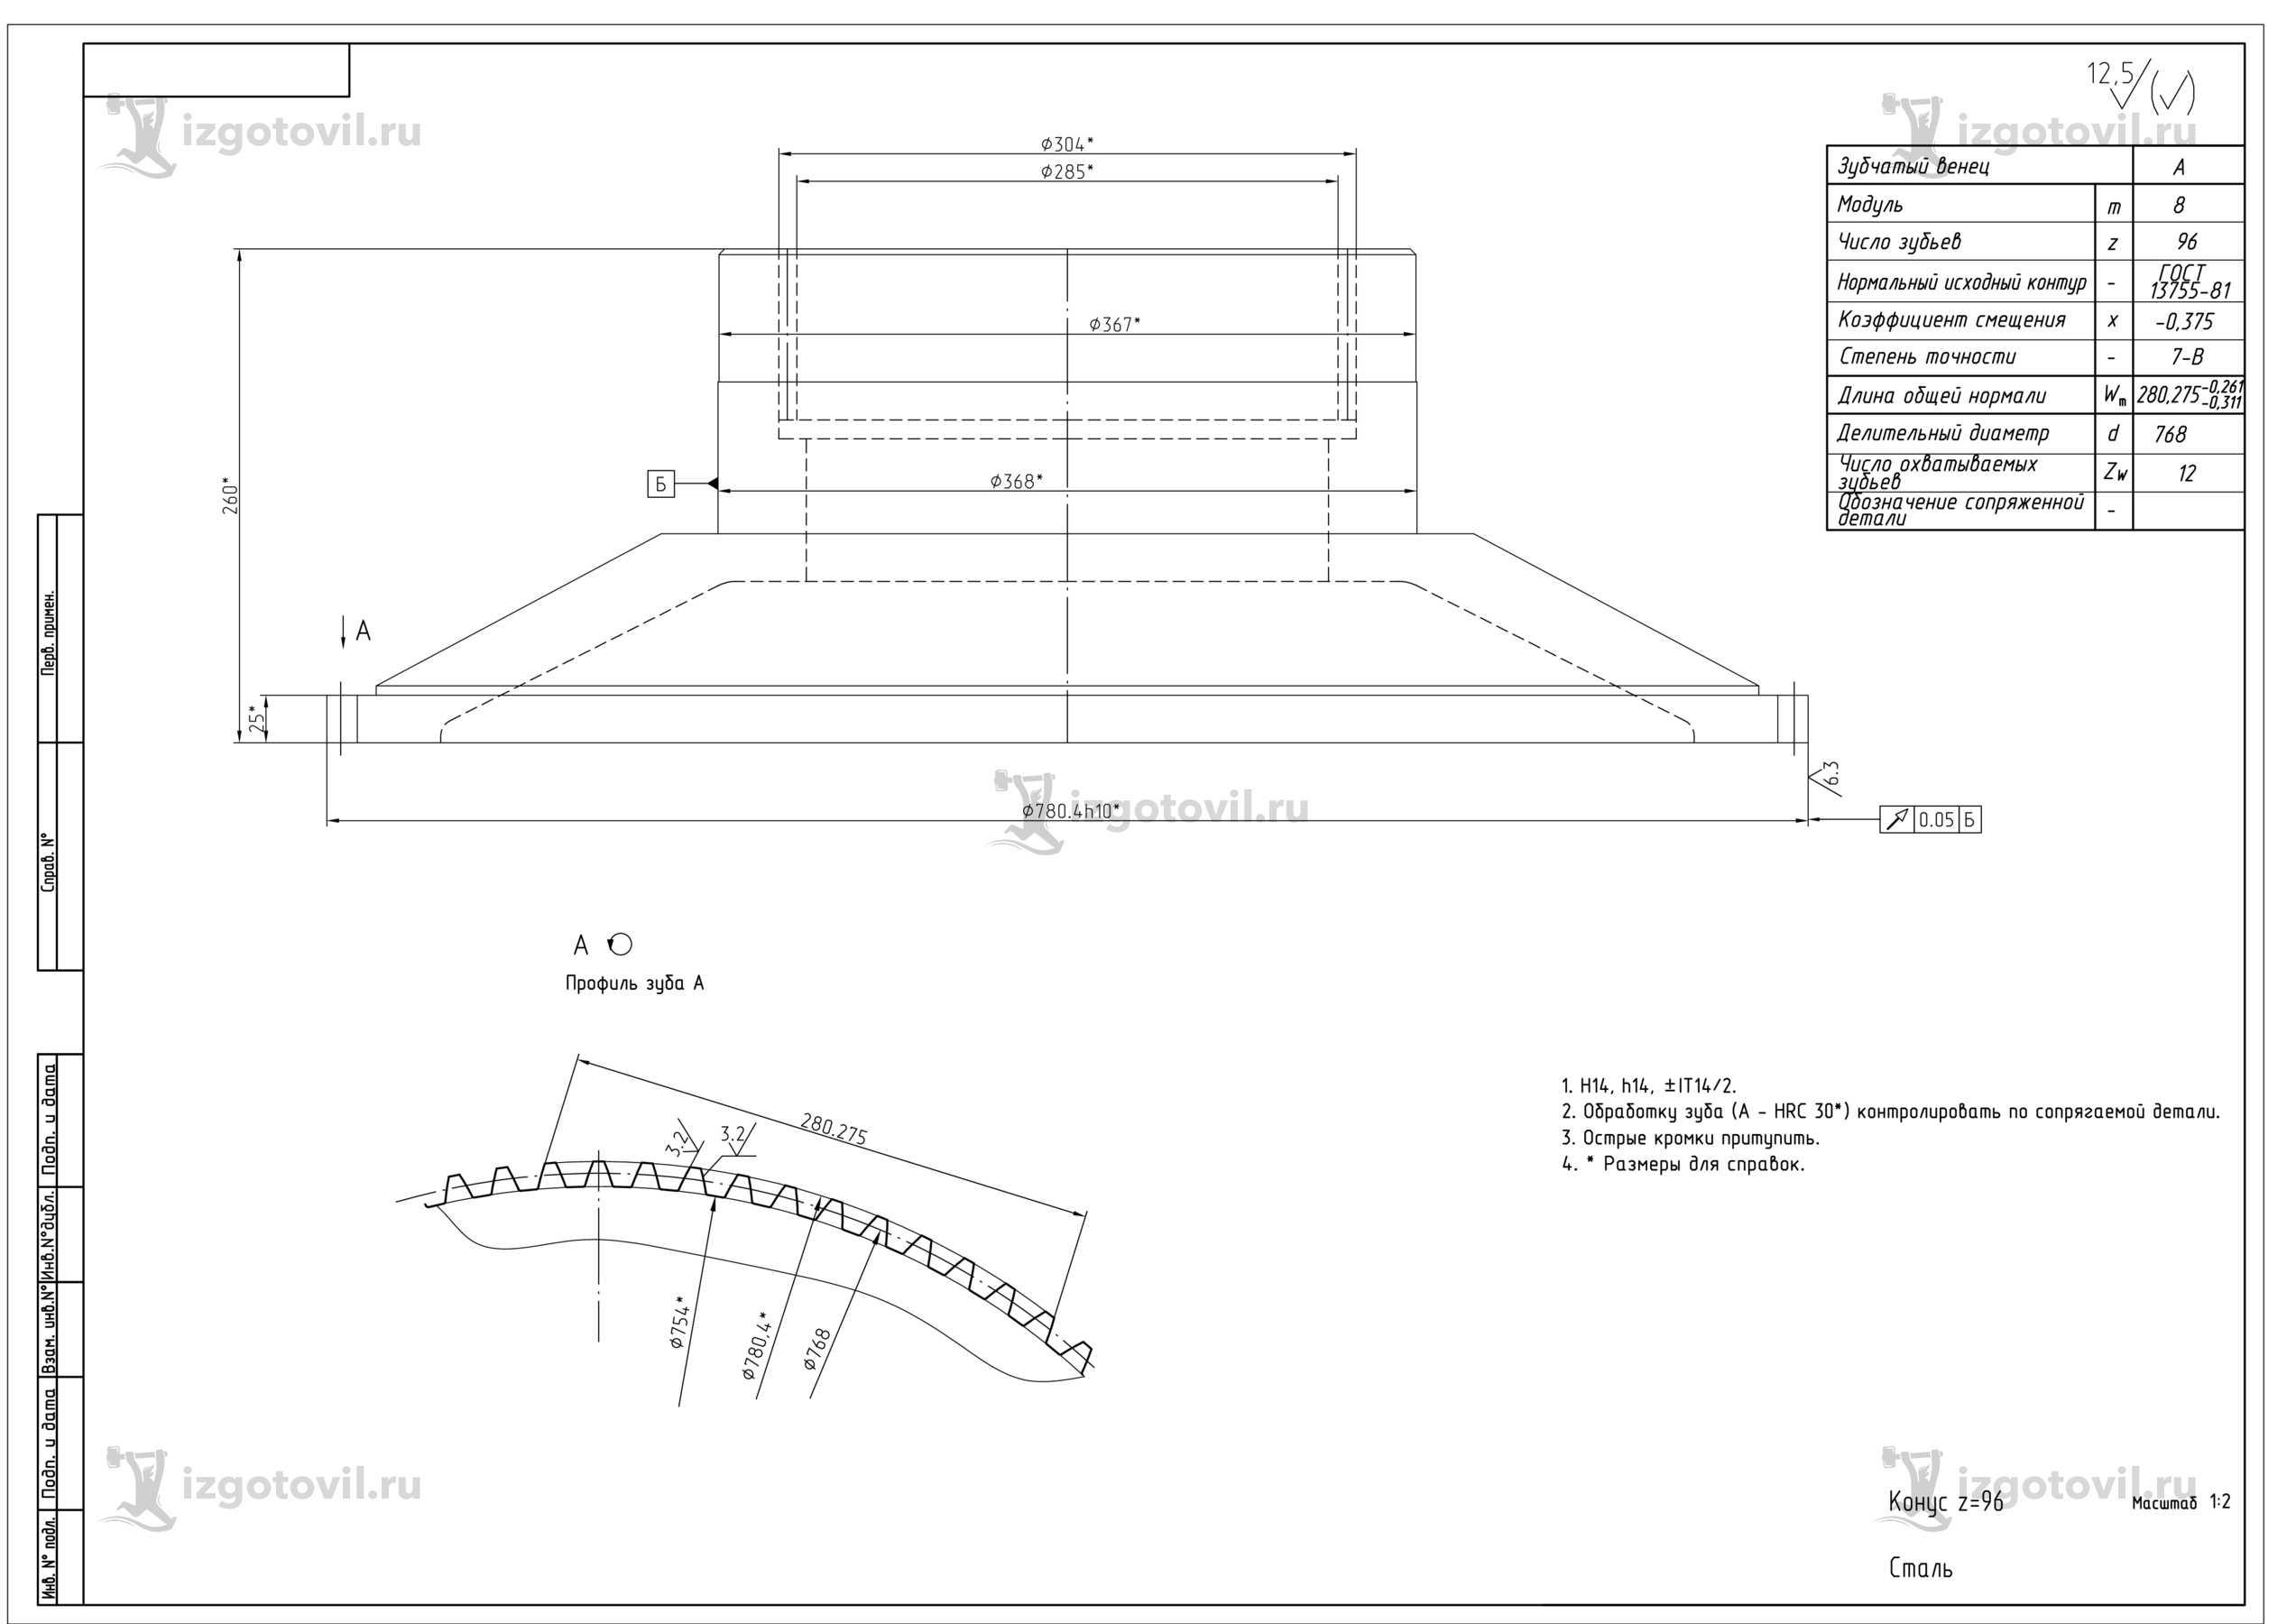 Токарная обработка деталей (Мехобработка после лазерной наплавки)